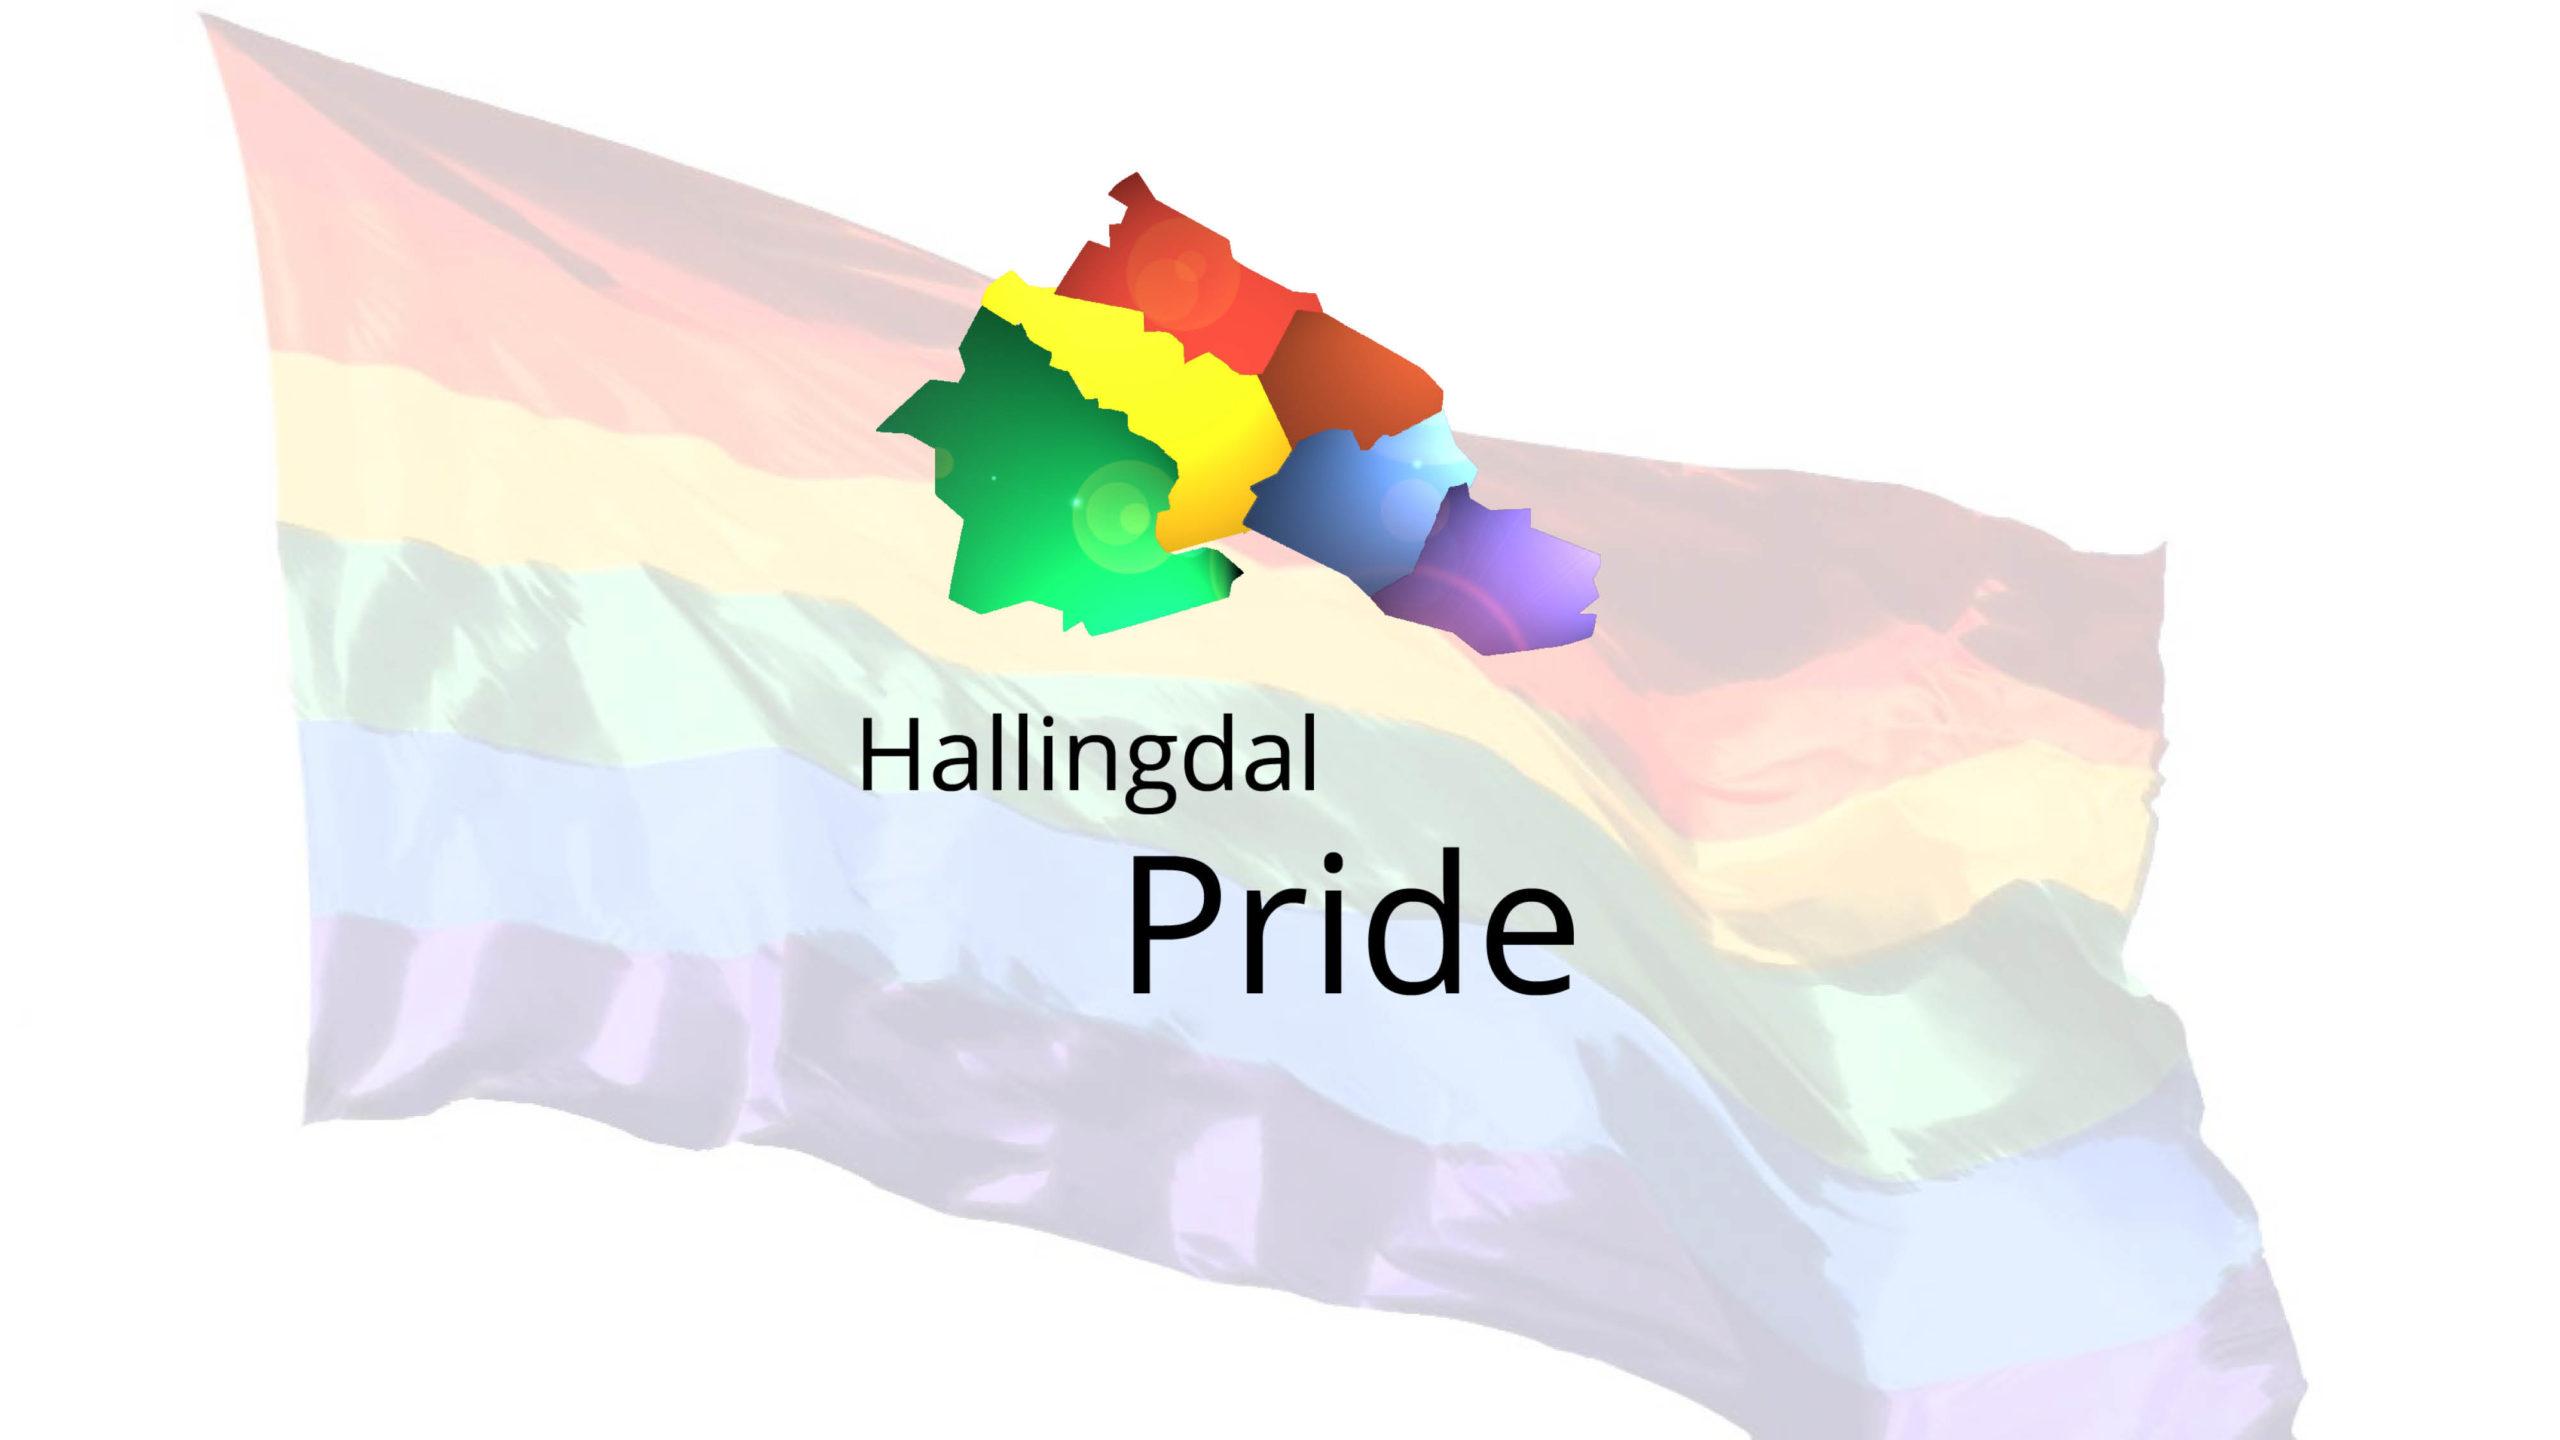 Bli med til Hallingdal Pride - fra 18. oktober til 24. oktober 2021!